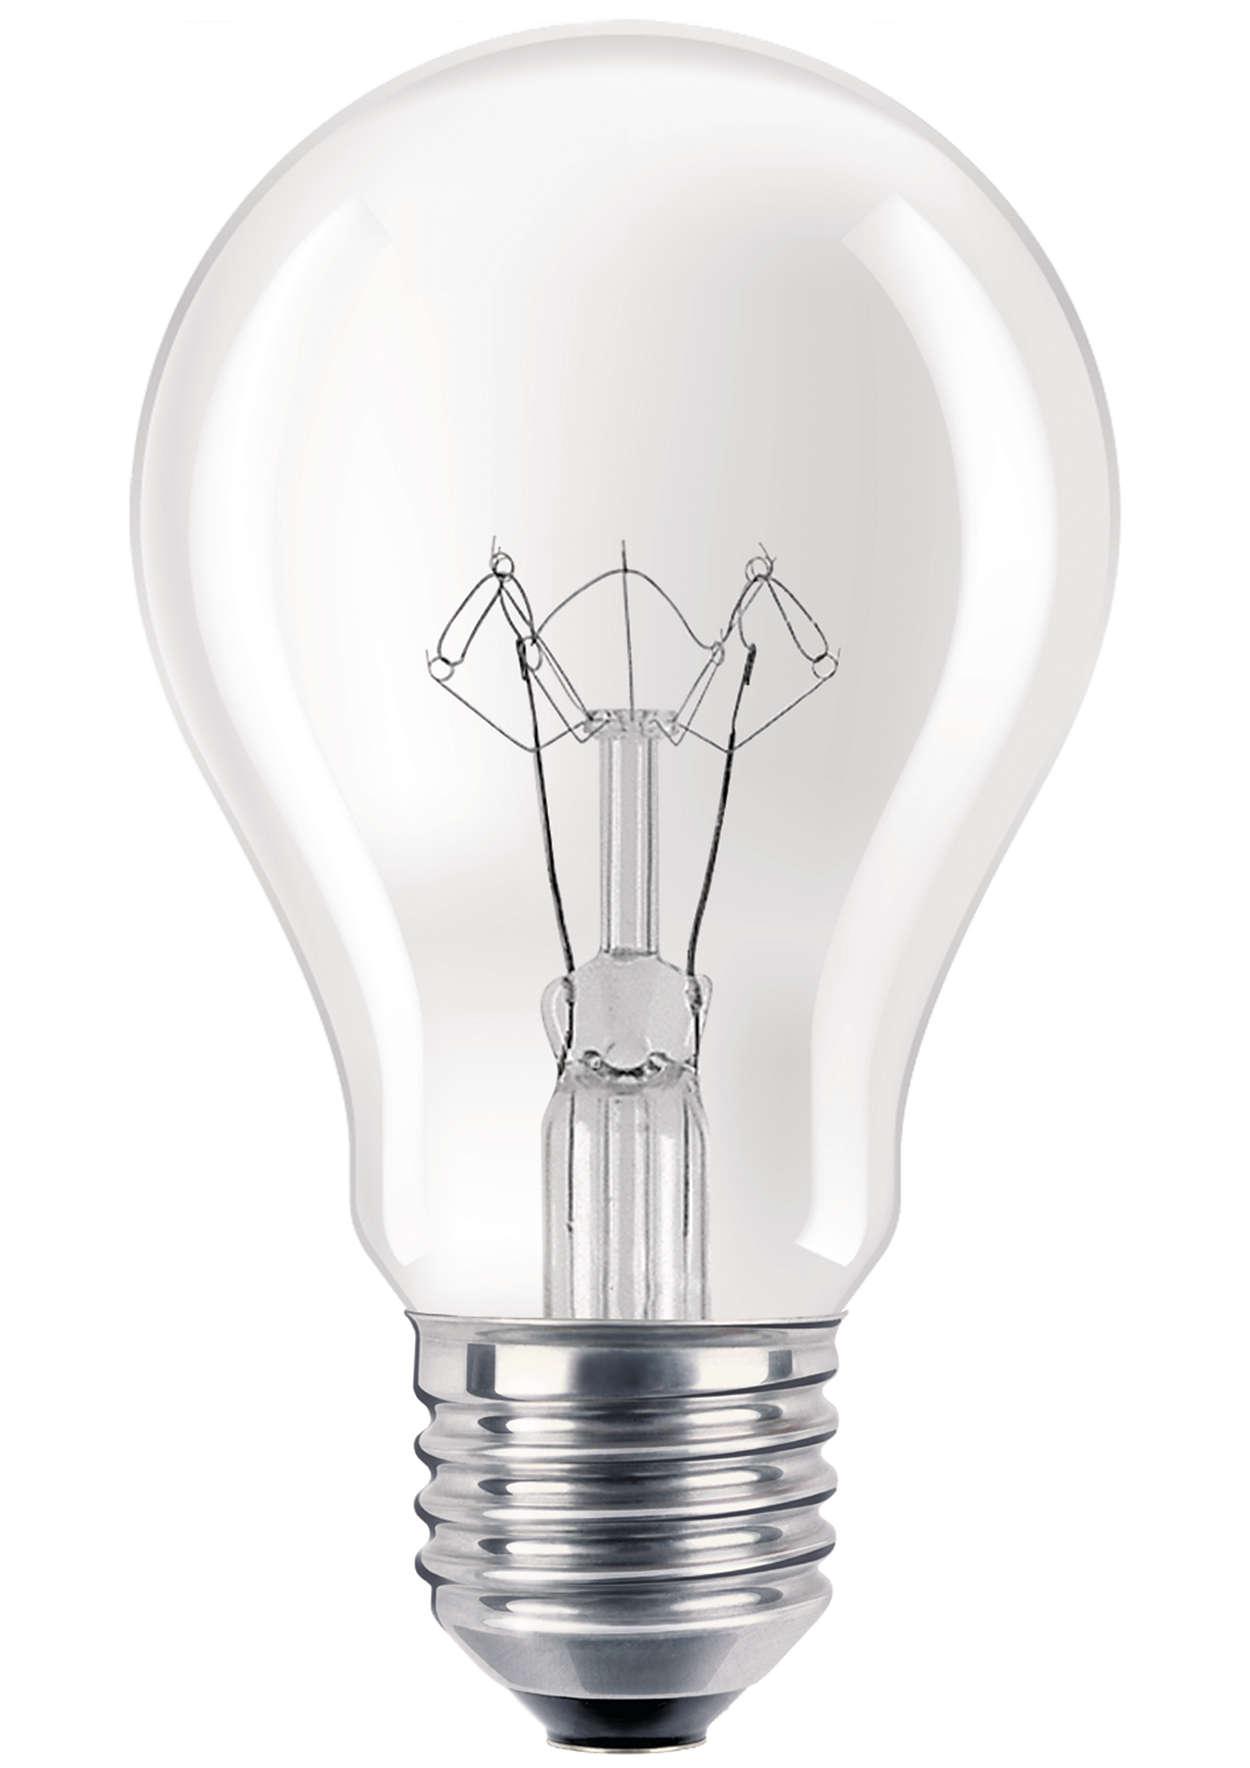 Прочная лампа общего назначения для тяжелых условий эксплуатации